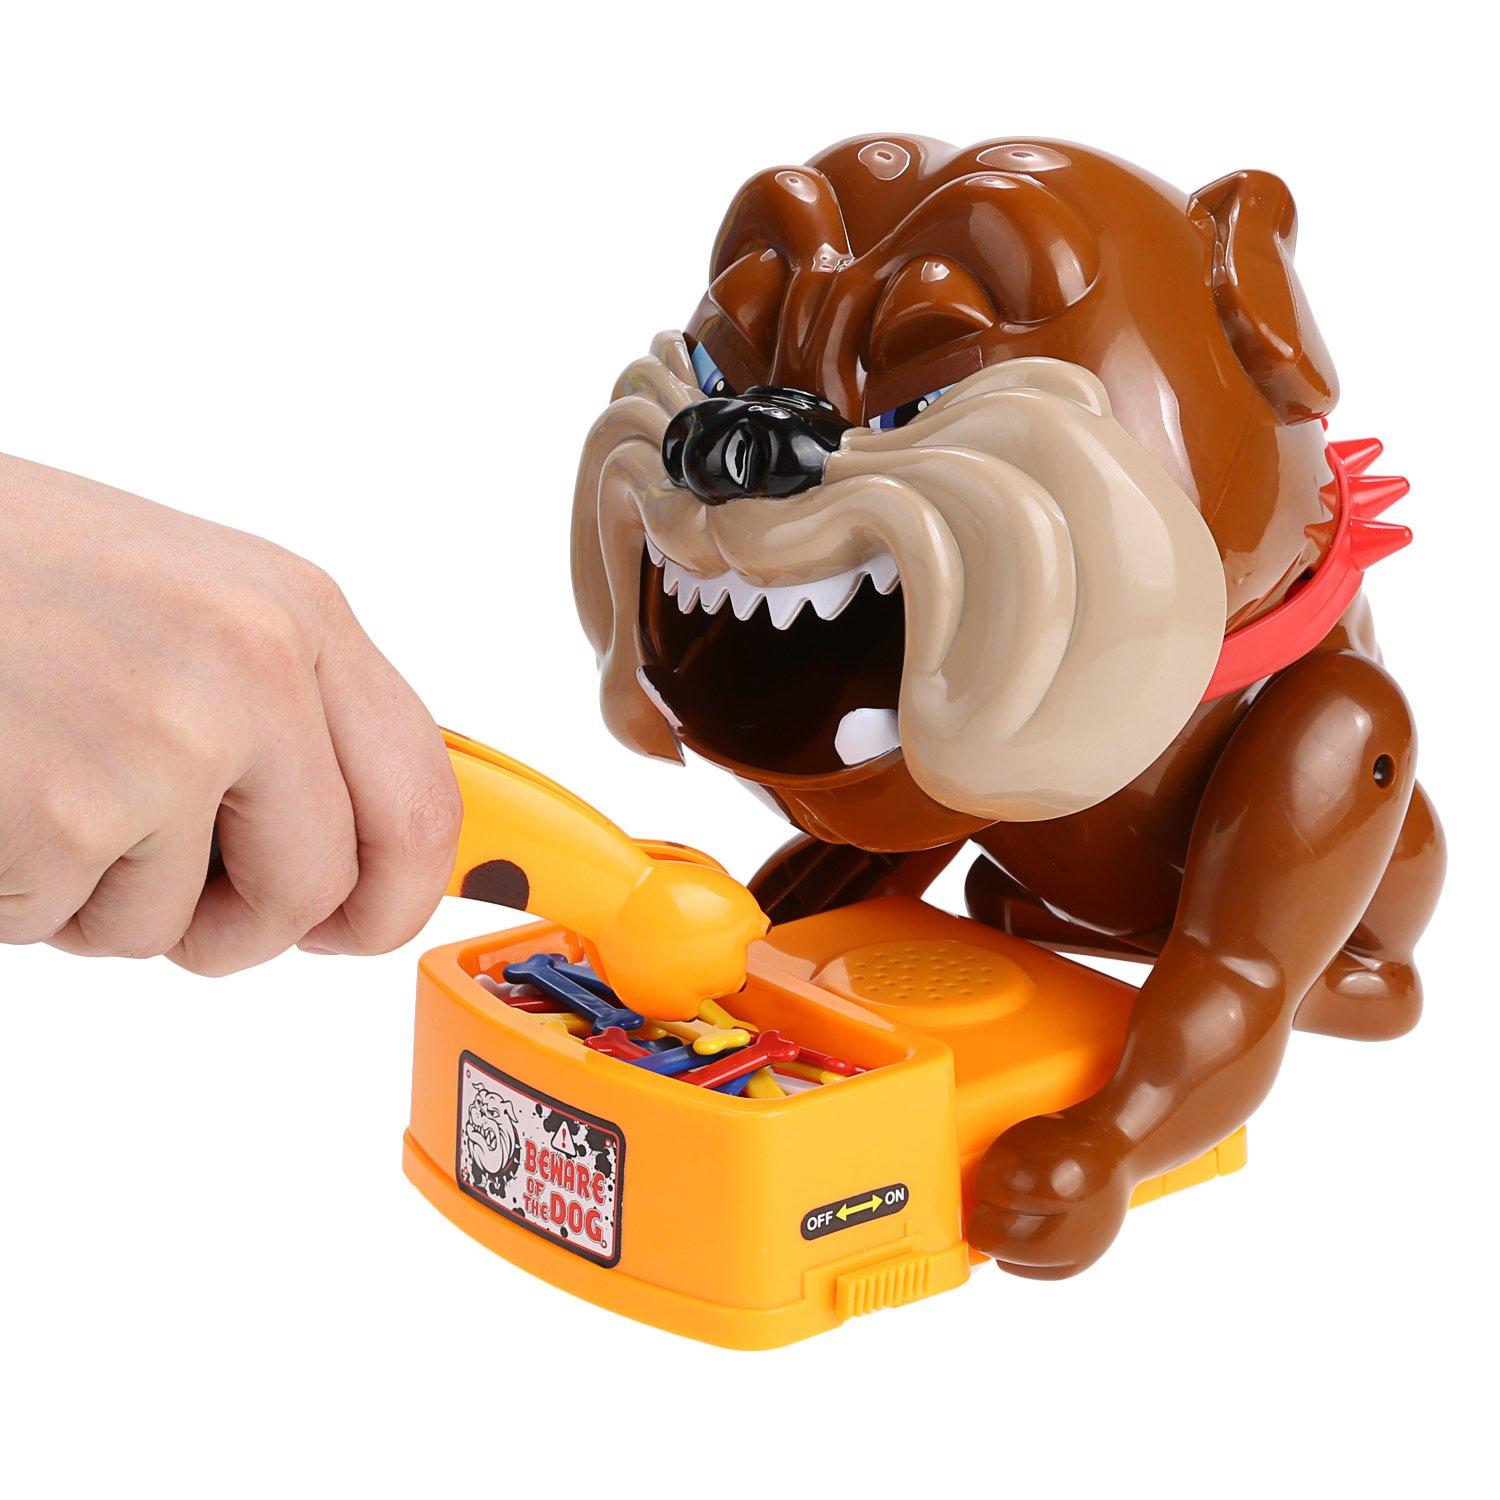 Arshiner Vorsicht vor dem Hund Kinder Spielzeug nehmen Hundeknochen elektronische Hund Sound Brettspiel